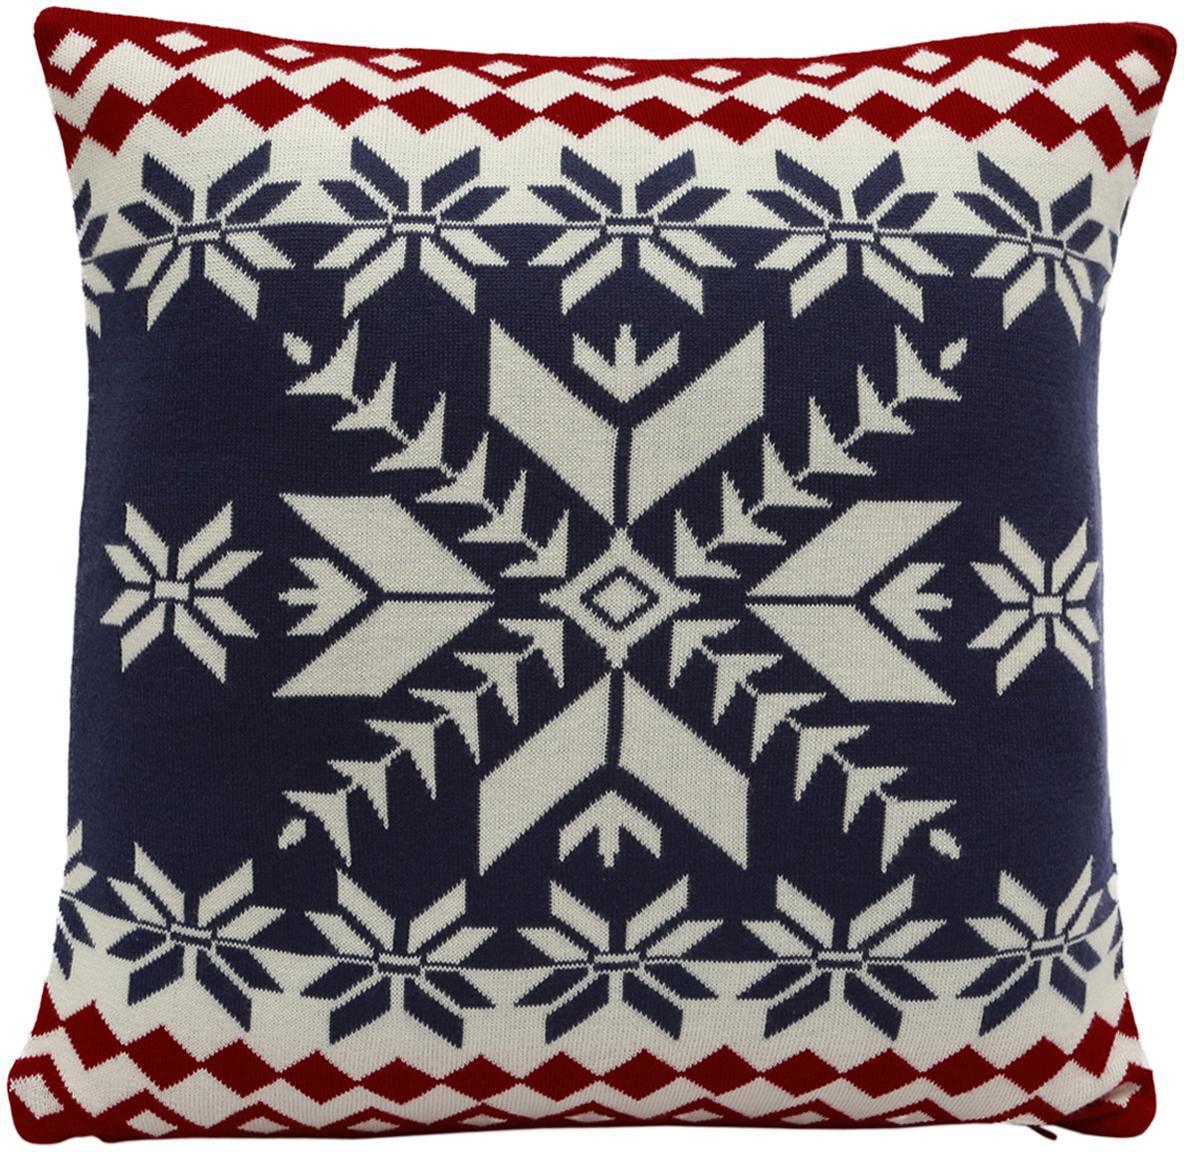 Strick-Kissenhülle Paul mit Schneeflocken Muster, Baumwolle, Marineblau, Cremeweiß, Dunkelrot, 40 x 40 cm